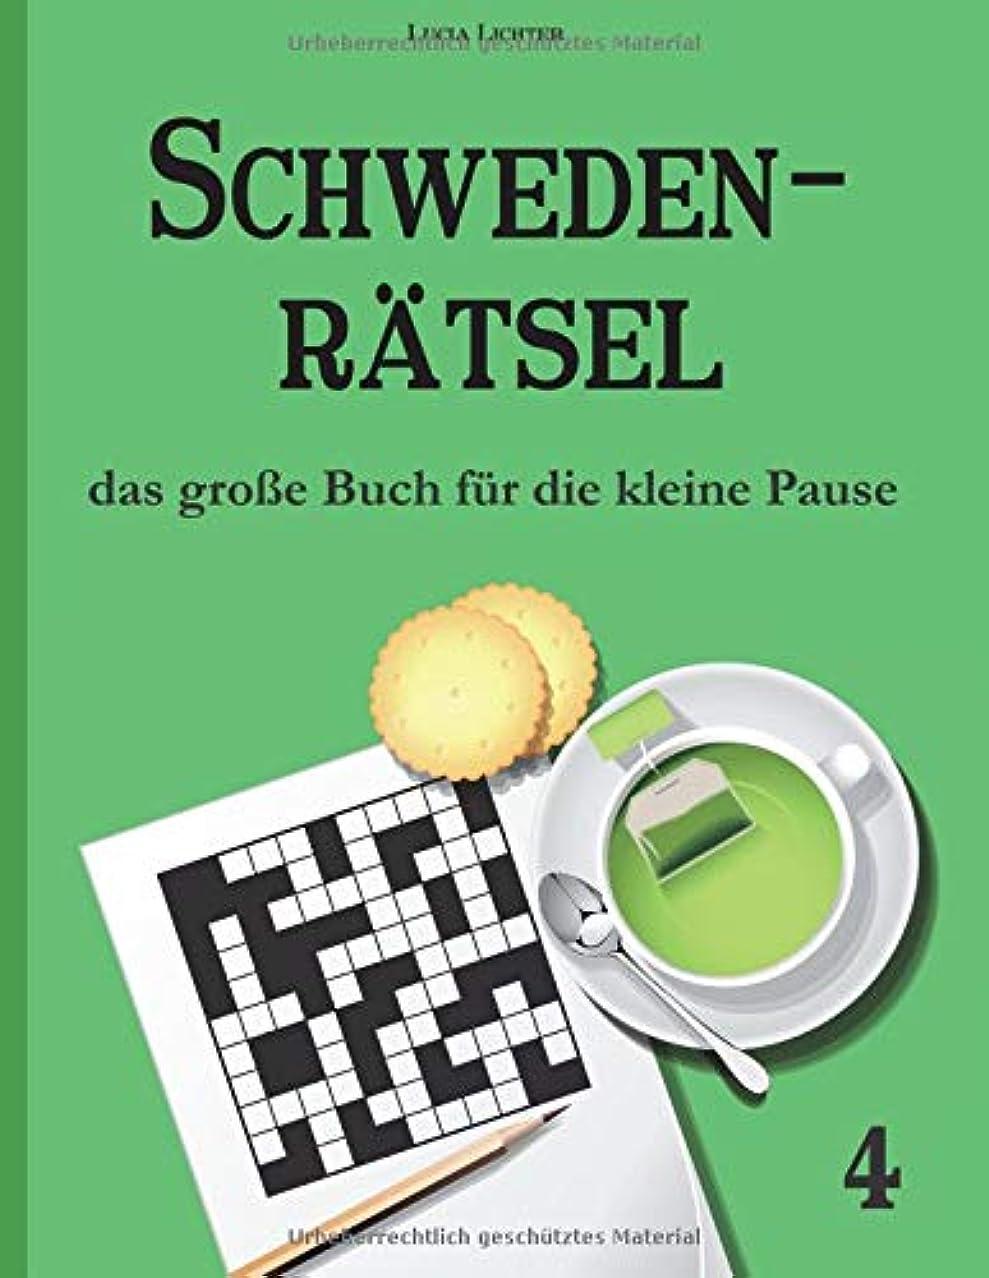 遅滞退屈なそばにSchwedenraetsel - das grosse Buch fuer die kleine Pause 4